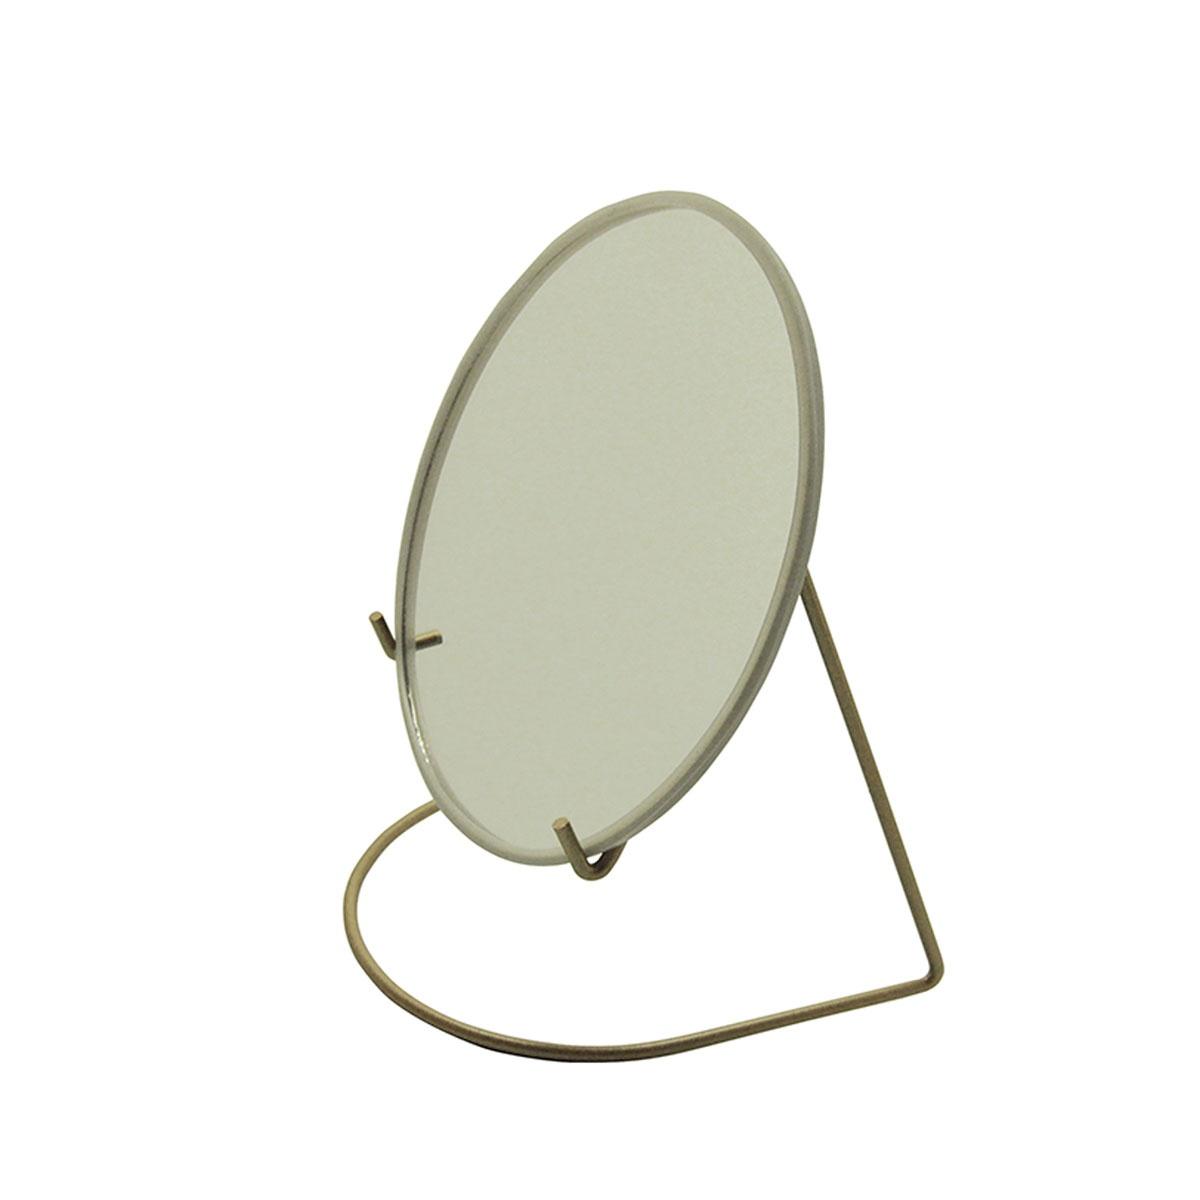 Miroir grossissant avec socle métal coloré (Laiton)